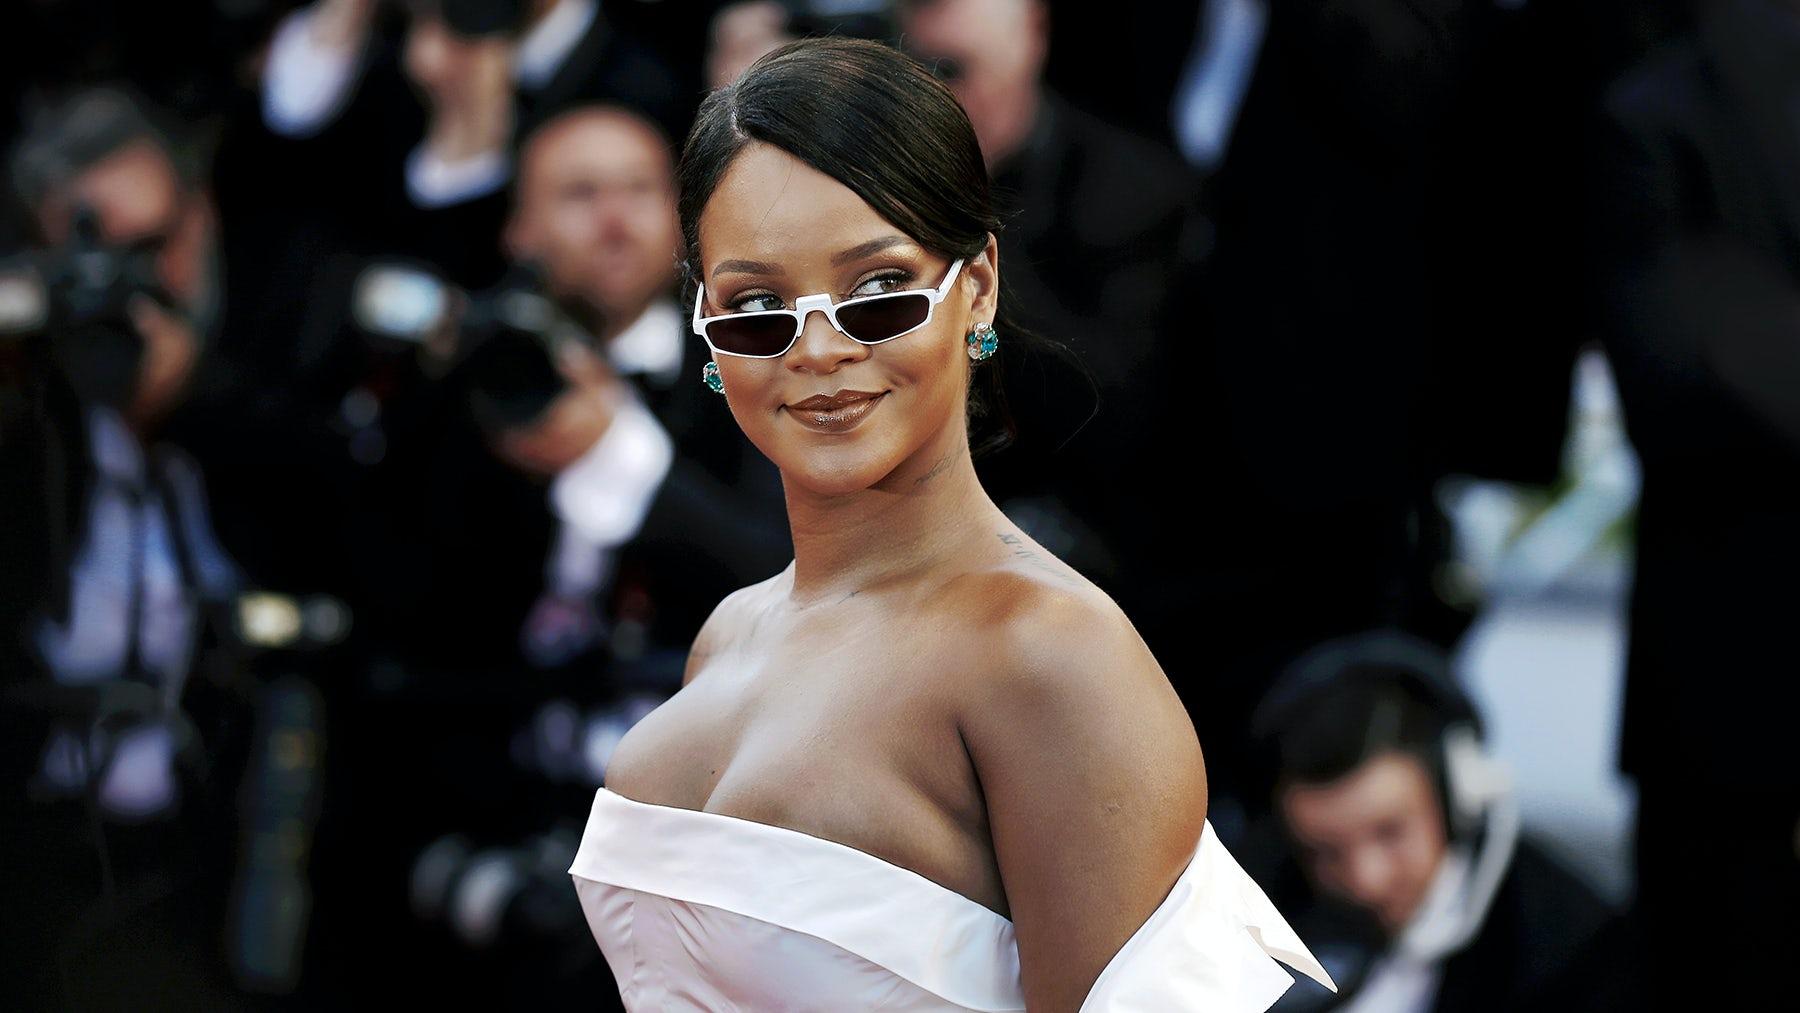 Rihanna   Source: Shutterstock